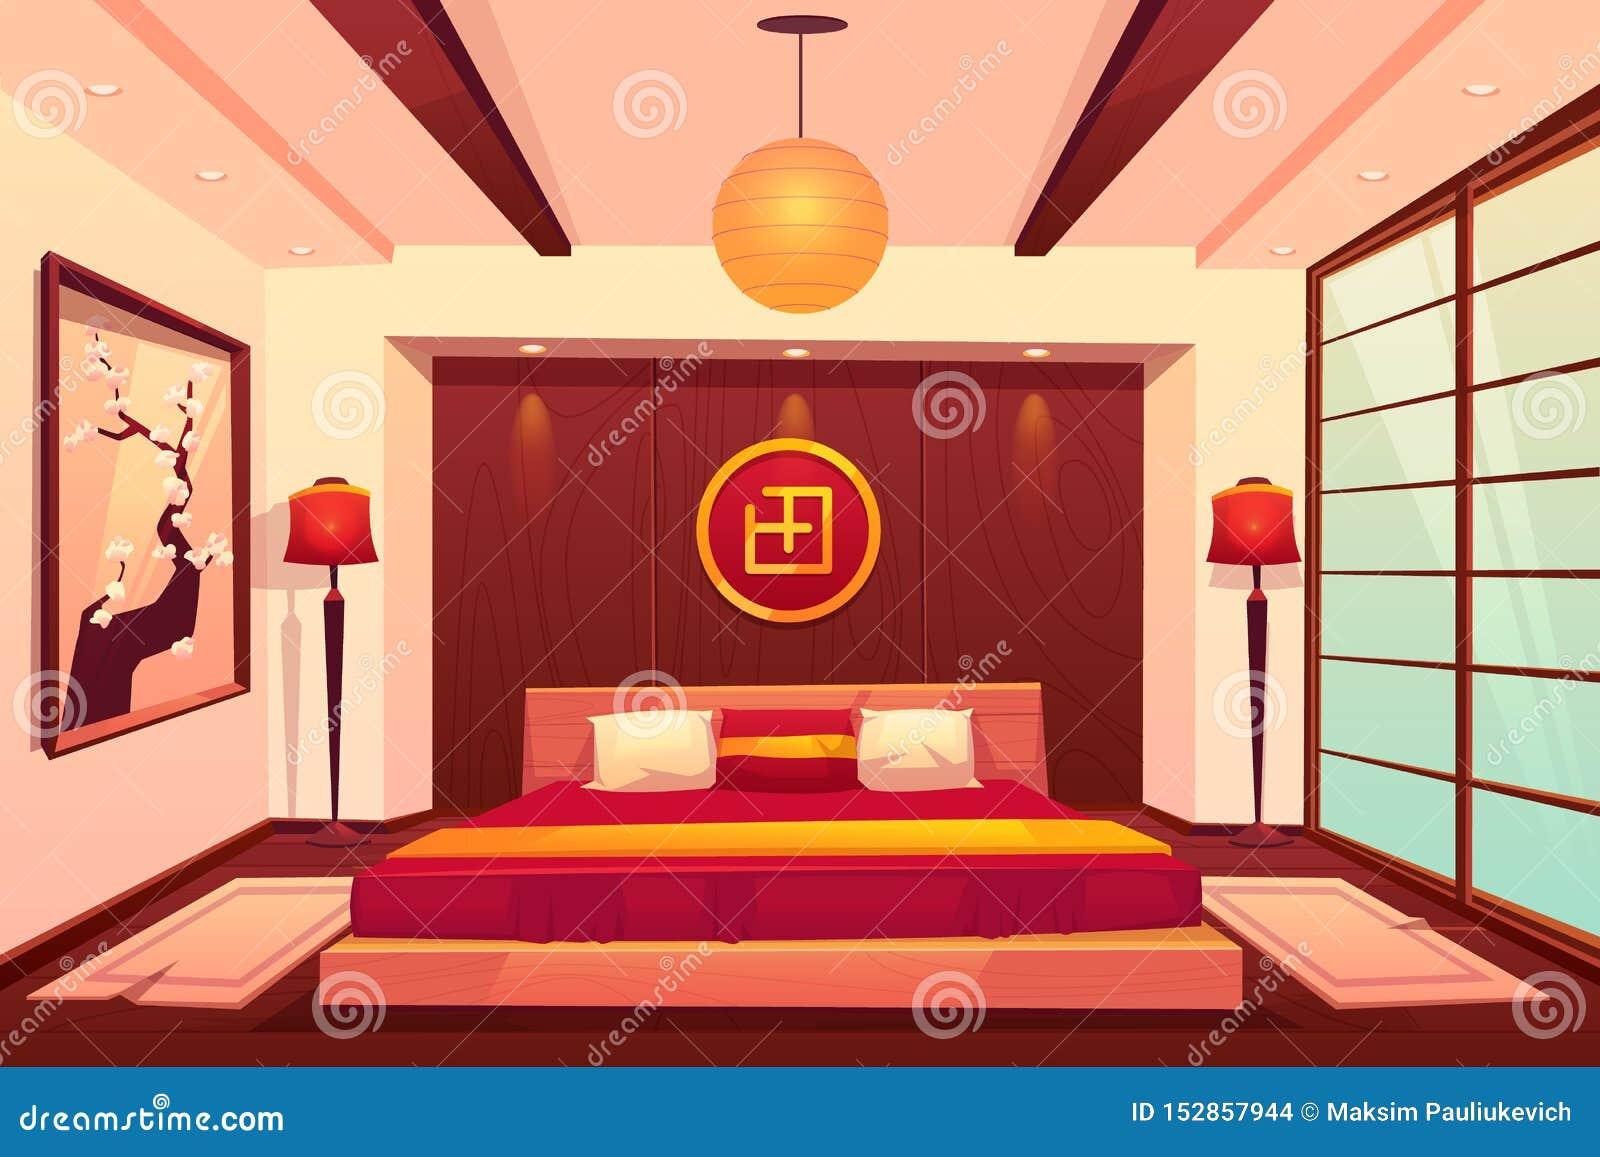 Le Cinesi A Letto.Camera Da Letto Asiatica Cinese Giapponesi Stanza Orientale